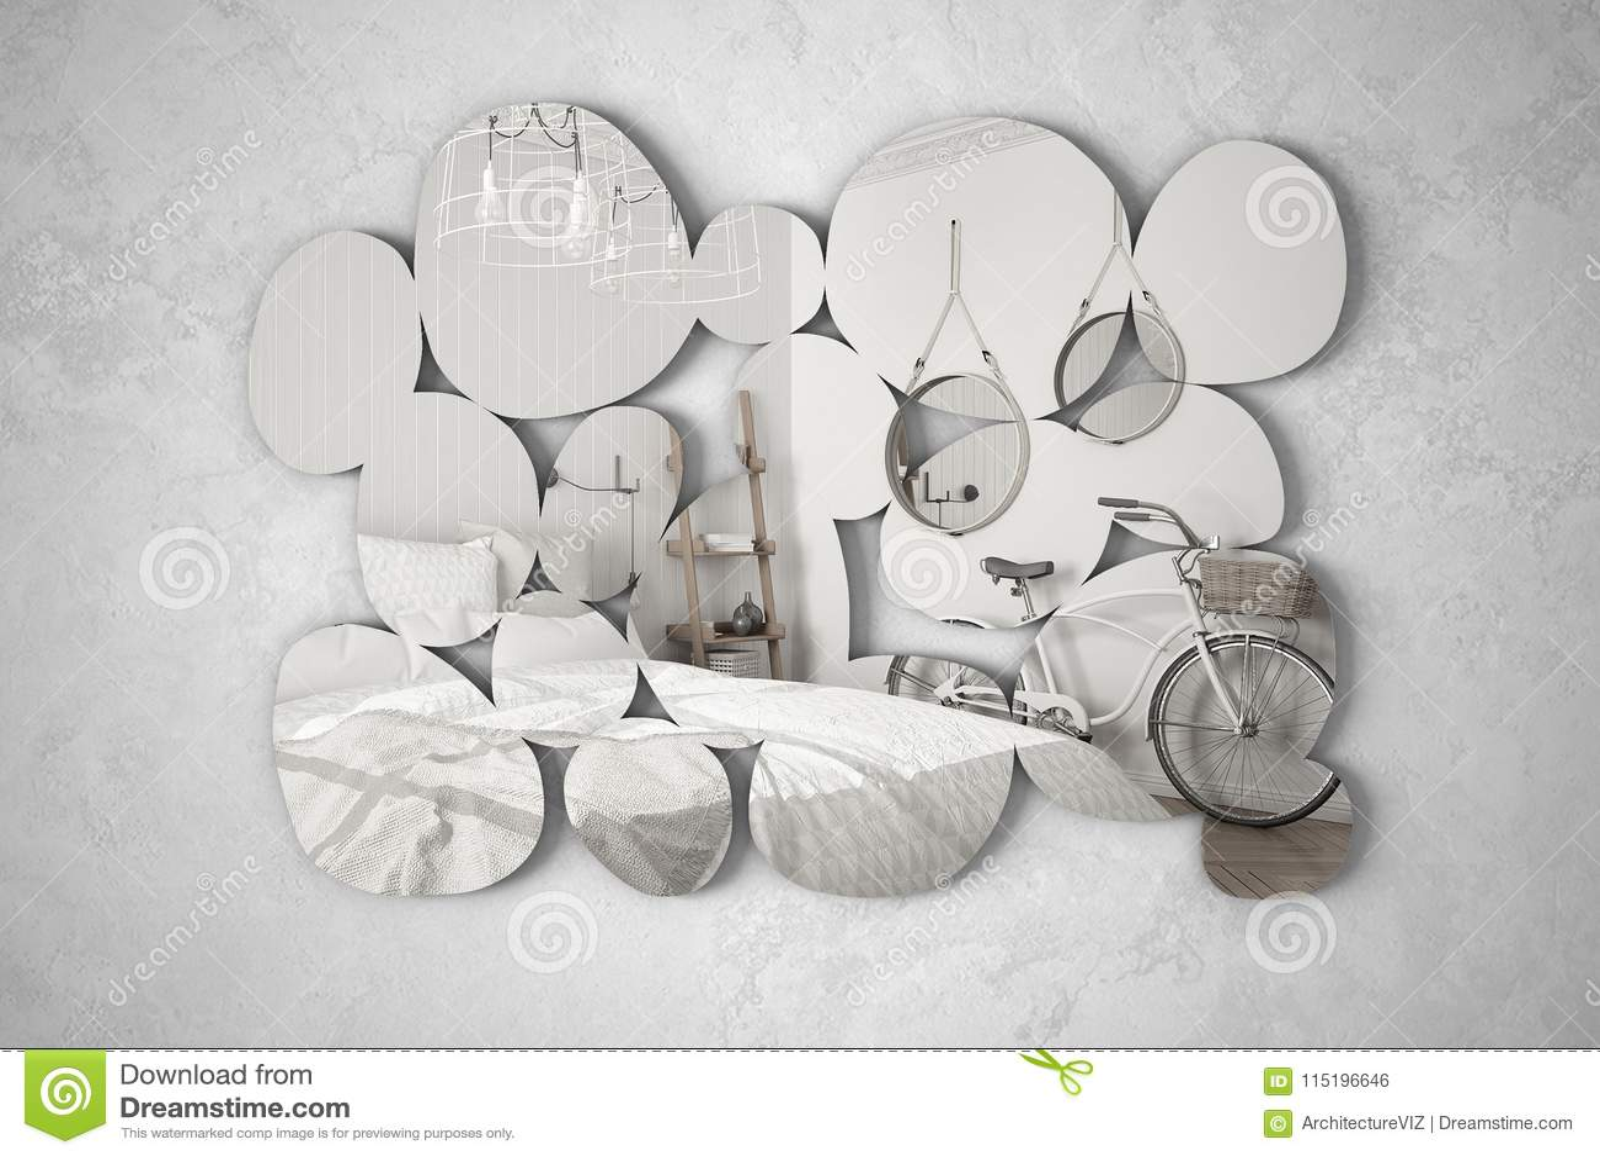 Specchio Design Moderno Camera Da Letto.Specchio Moderno Sotto Forma Dei Ciottoli Che Appendono Sulla